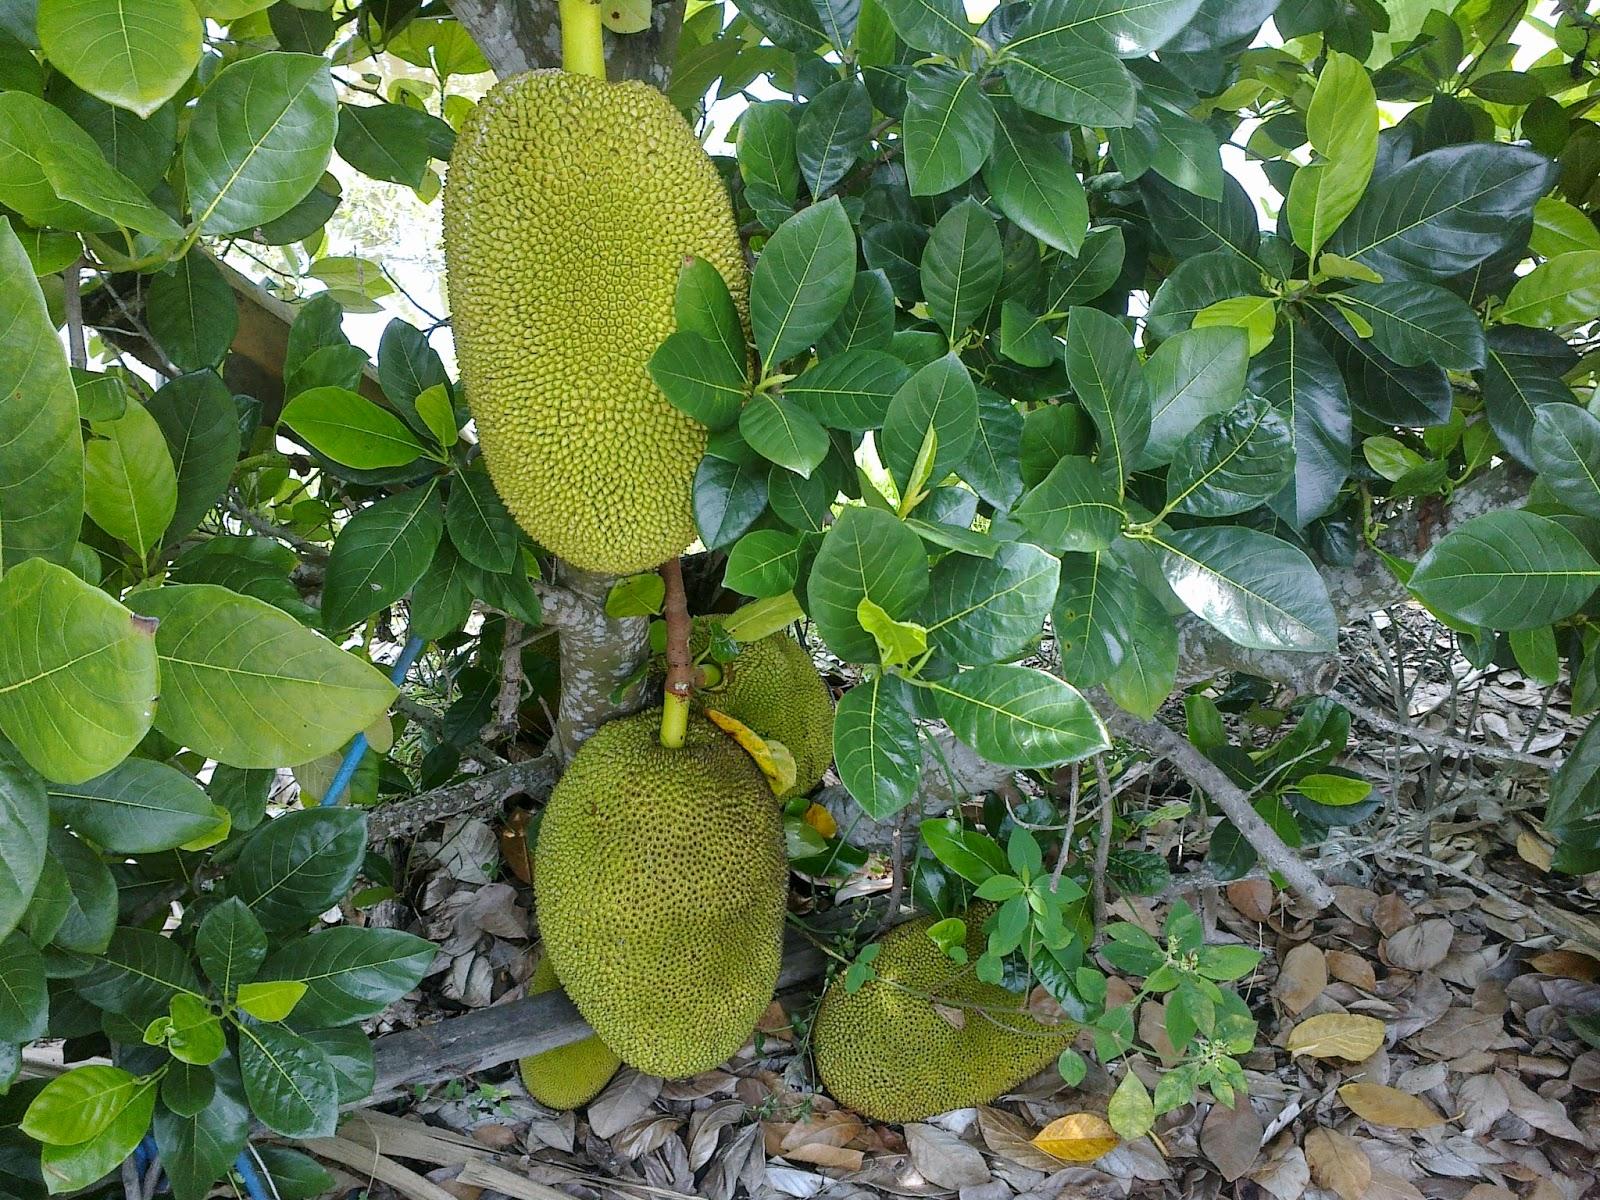 buah nangka madu